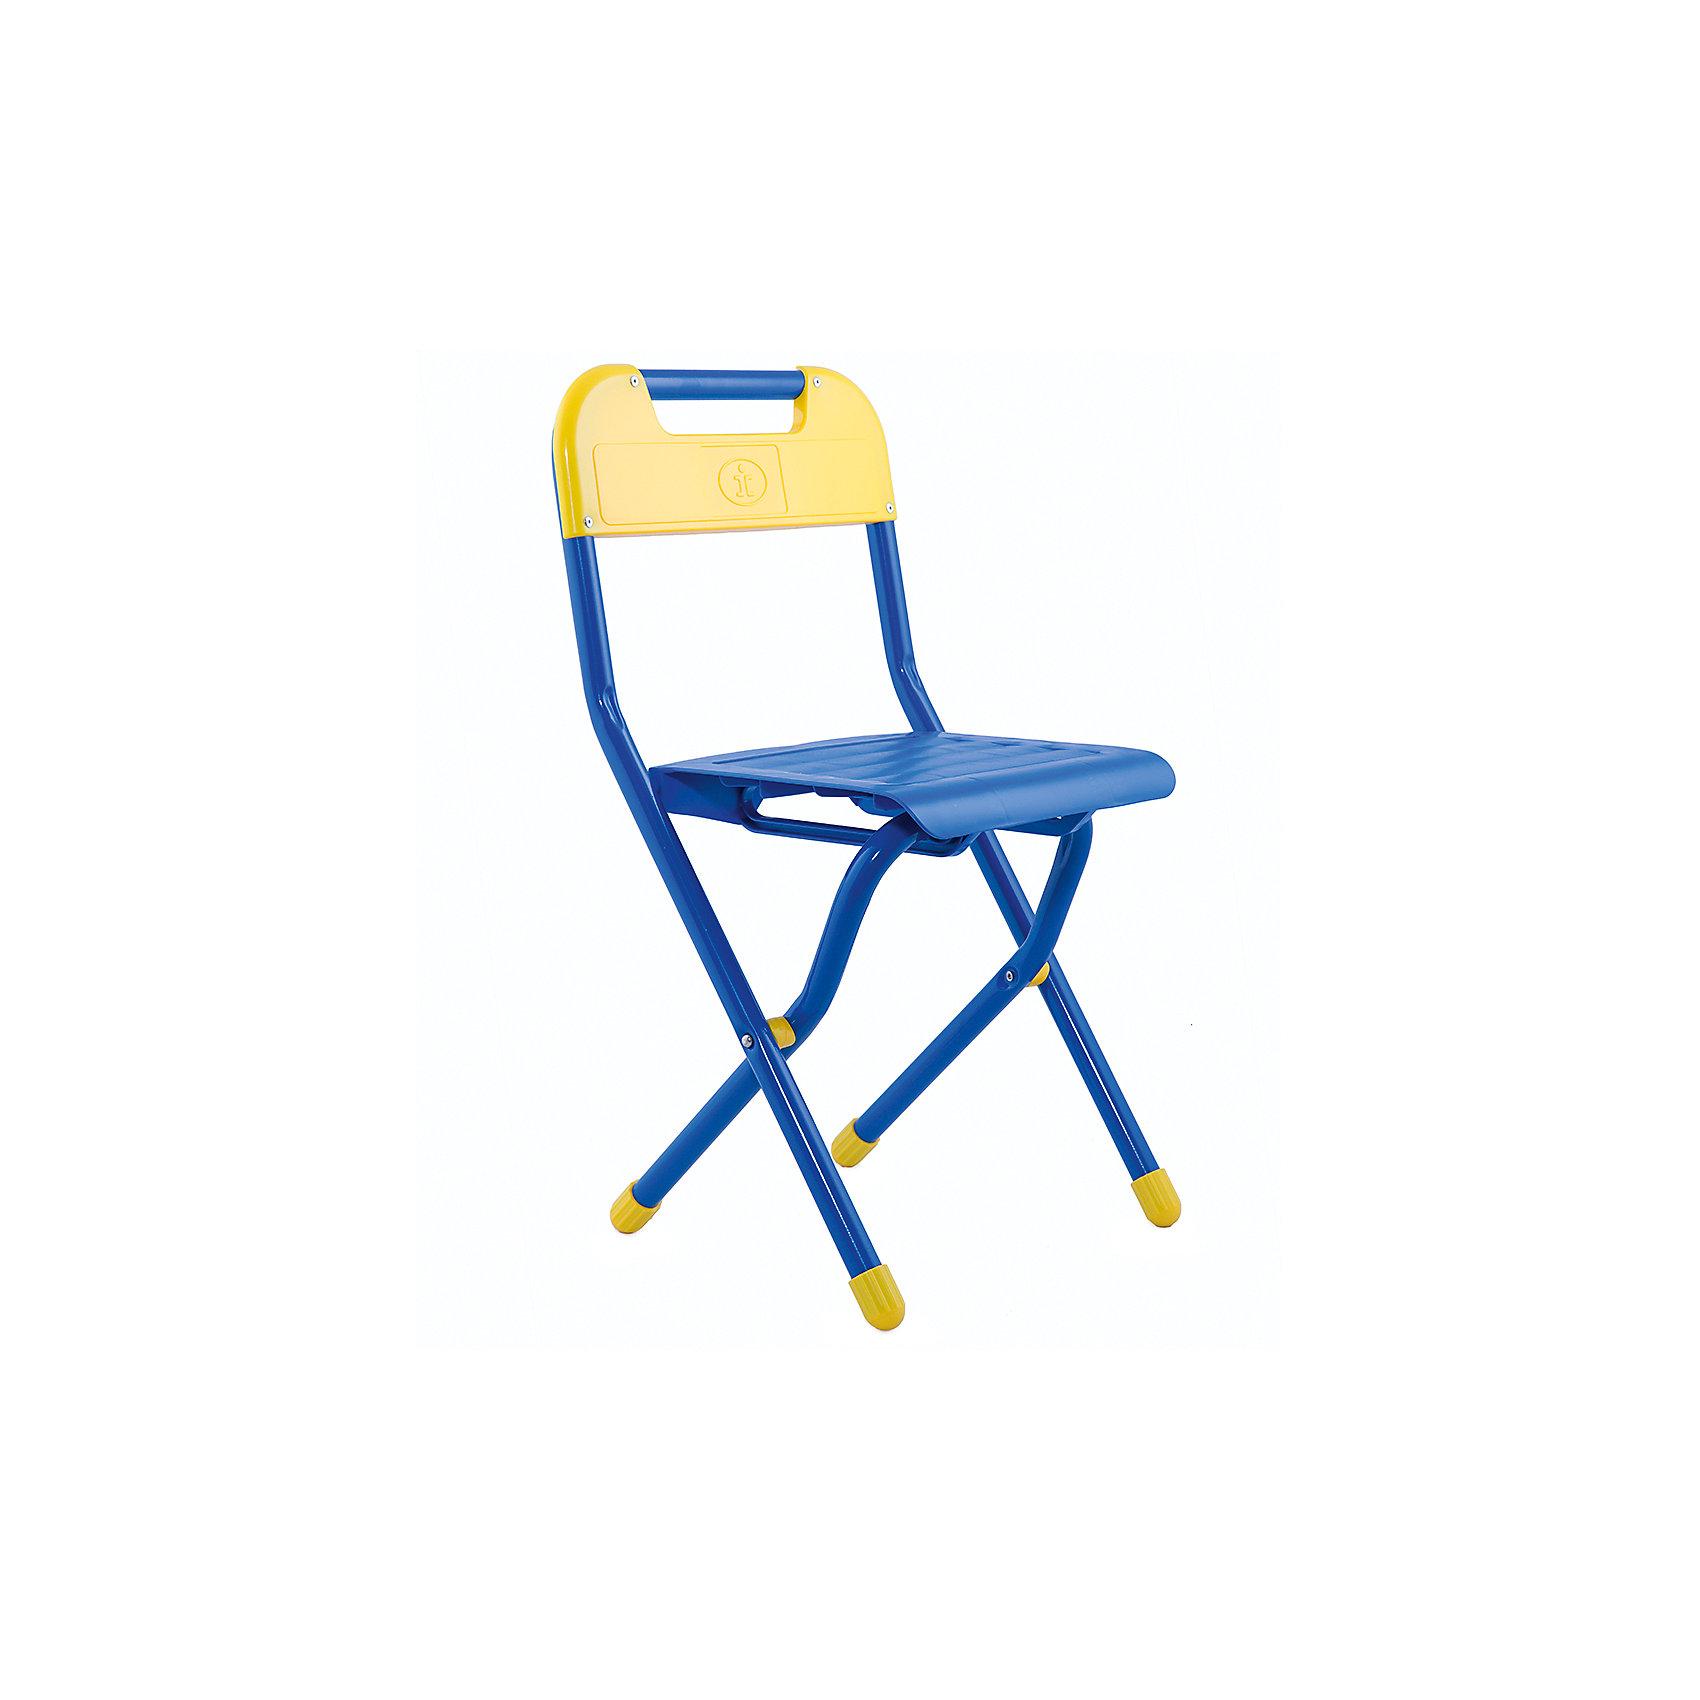 Стул (2-5 лет), Дэми, синийМебель<br>Складной стул - незаменимый атрибут любой детской комнаты. Стул очень удобный и прочный, яркая расцветка обязательно понравится детям и отлично впишется в интерьер. Стул быстро раскладывается и складывается, в сложенном виде занимает мало места. Прочное алюминиевое основание и пластиковое сиденье и спинку удобно мыть. Прекрасно подходит для организации детских игр и отдыха. <br><br>Дополнительная информация:<br>- Высота от пола до сиденья: 30 см. <br>- Материал: пластик, алюминий. <br>- Цвет: синий.<br>- Складывается. <br>- Максимальный вес: 30 кг.<br><br>Синий стул (2-5 лет) можно купить в нашем магазине.<br><br>Ширина мм: 640<br>Глубина мм: 340<br>Высота мм: 110<br>Вес г: 1500<br>Возраст от месяцев: 24<br>Возраст до месяцев: 60<br>Пол: Мужской<br>Возраст: Детский<br>SKU: 4306477